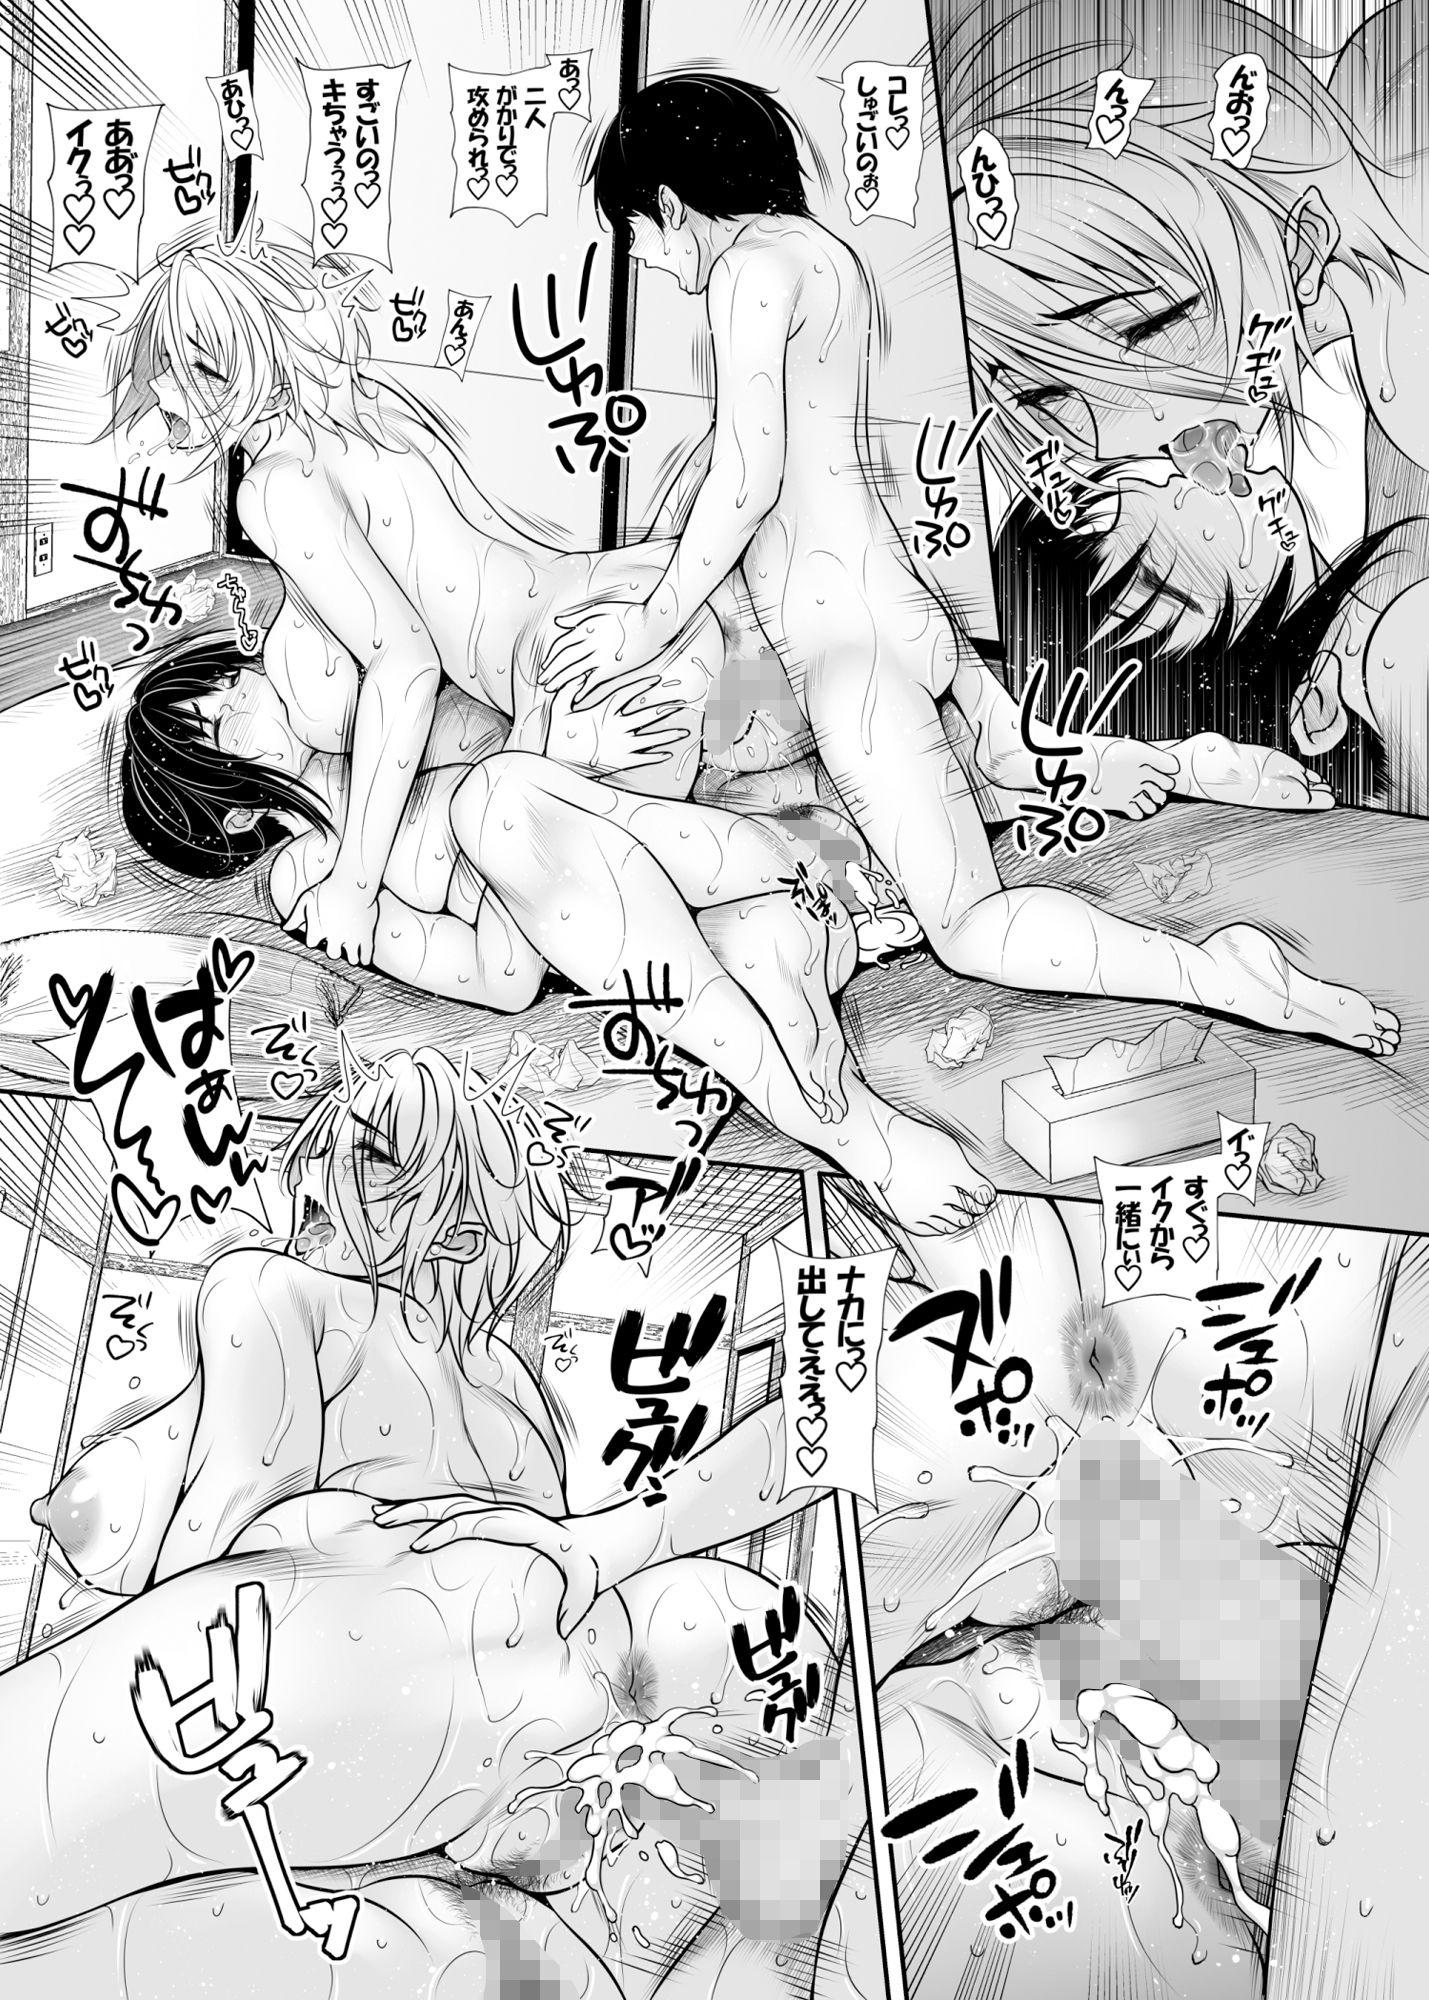 『シェアハウスの性活ルール2』 同人誌のサンプル画像です